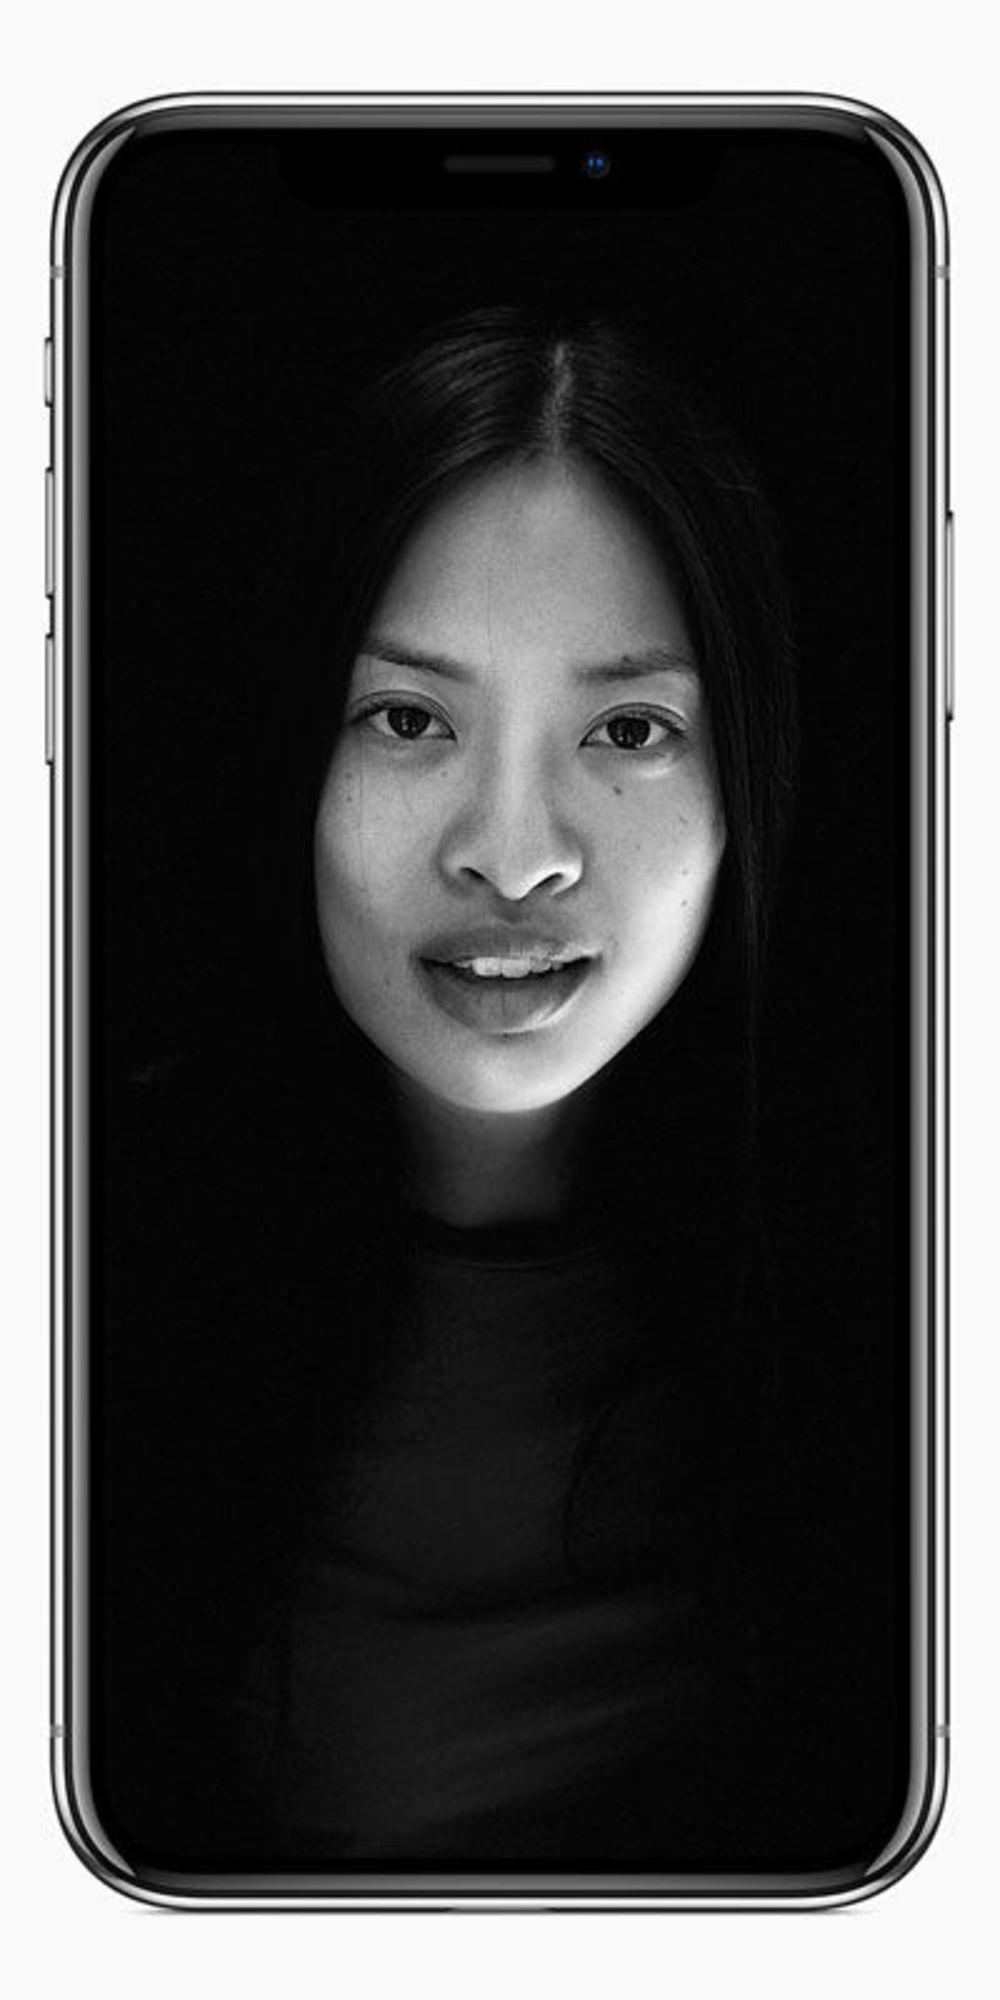 Die Frontkamera des iPhone X verfügt über denselben Portrait Lightning Modus. Das garantiert bessere Selfies!